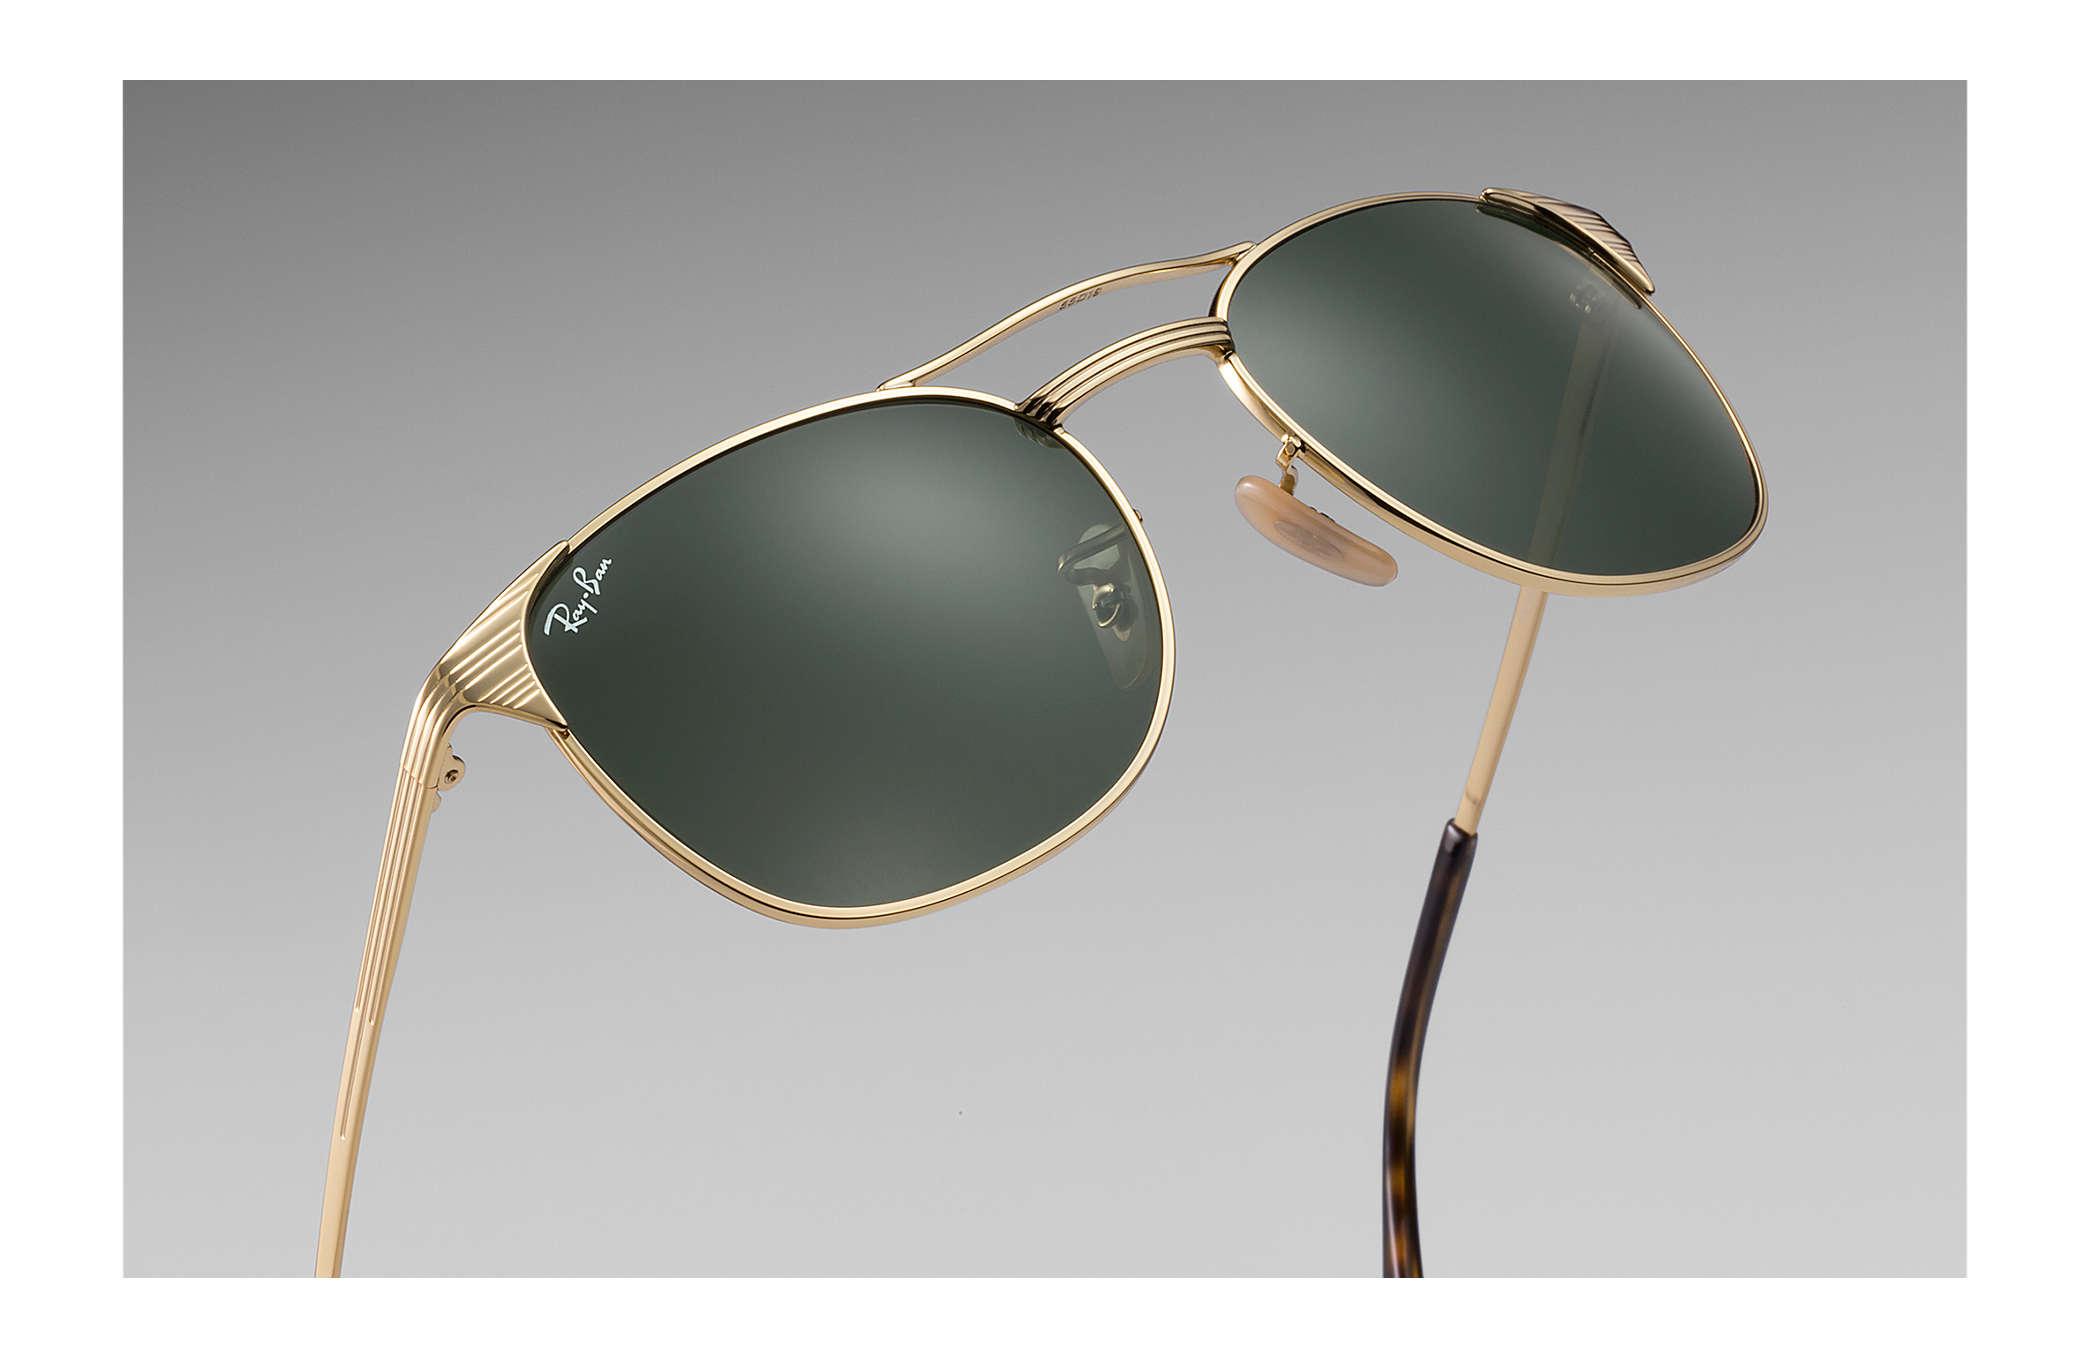 8cd4e41bf4b08f Ray-Ban Signet RB3429M Gold - Metal - Green Lenses - 0RB3429M00155 ...